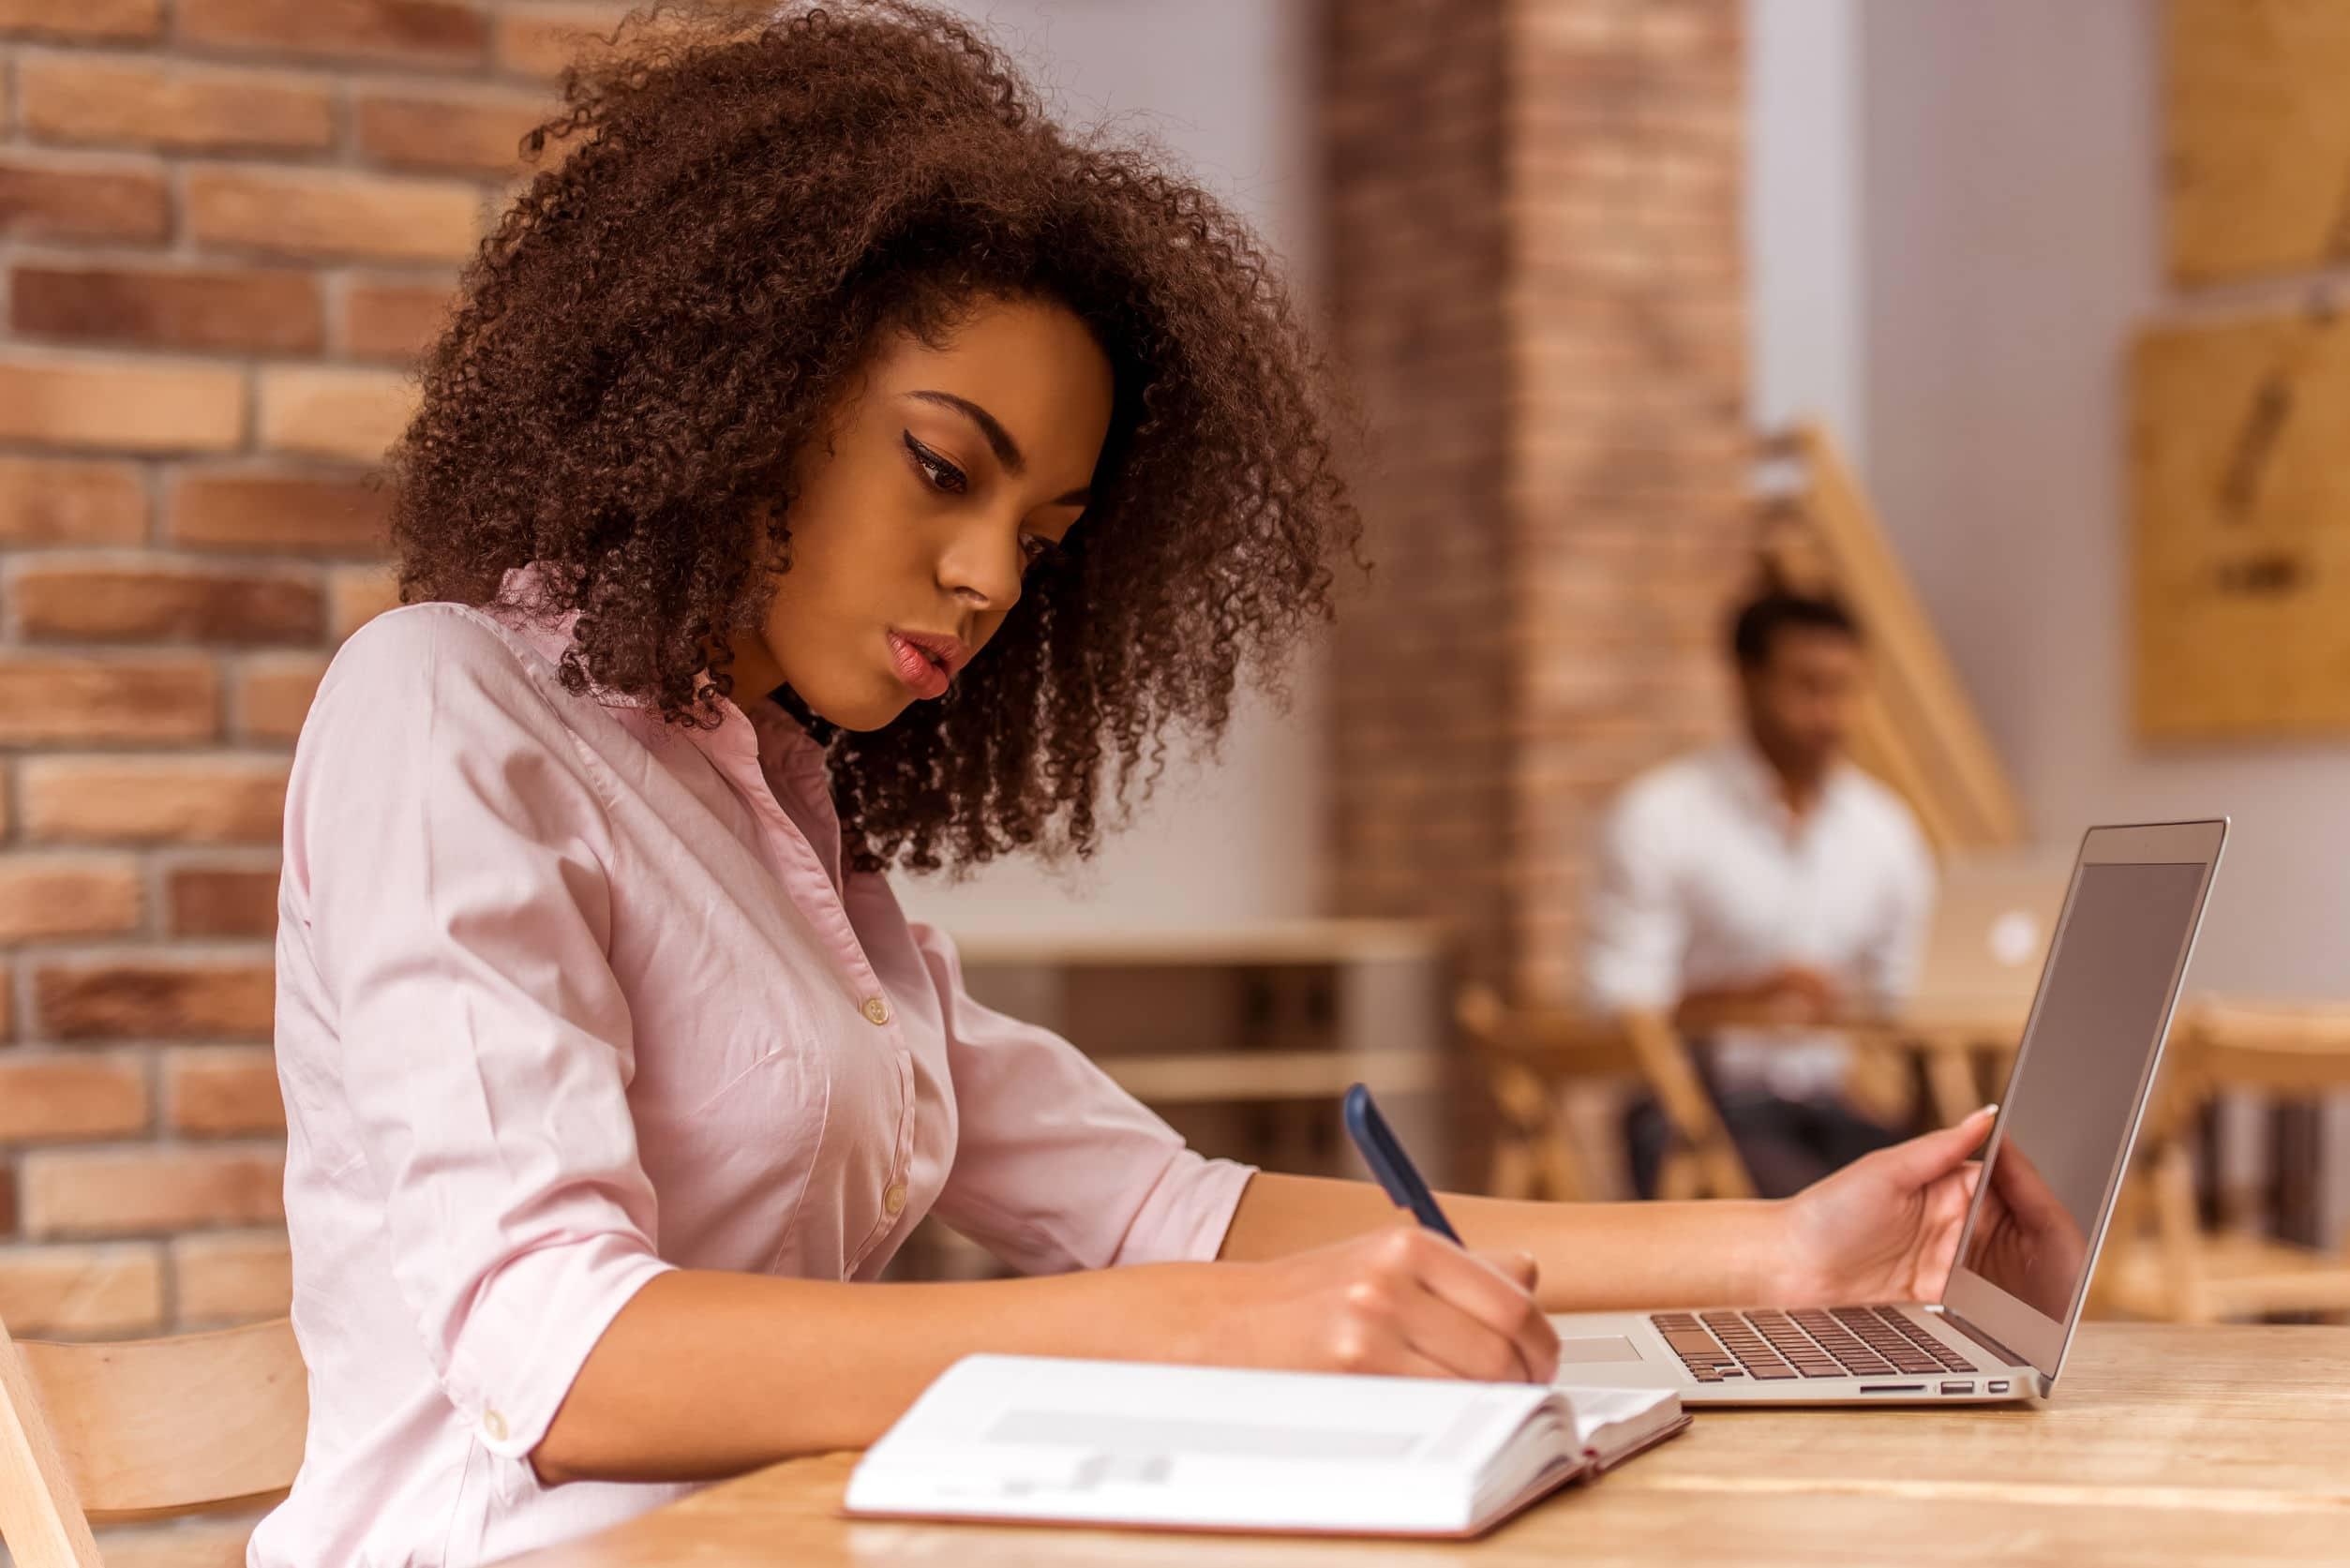 Mulher negra com blackpower usando uma camisa rosa e mexendo no computador enquanto escreve algo em um caderno.